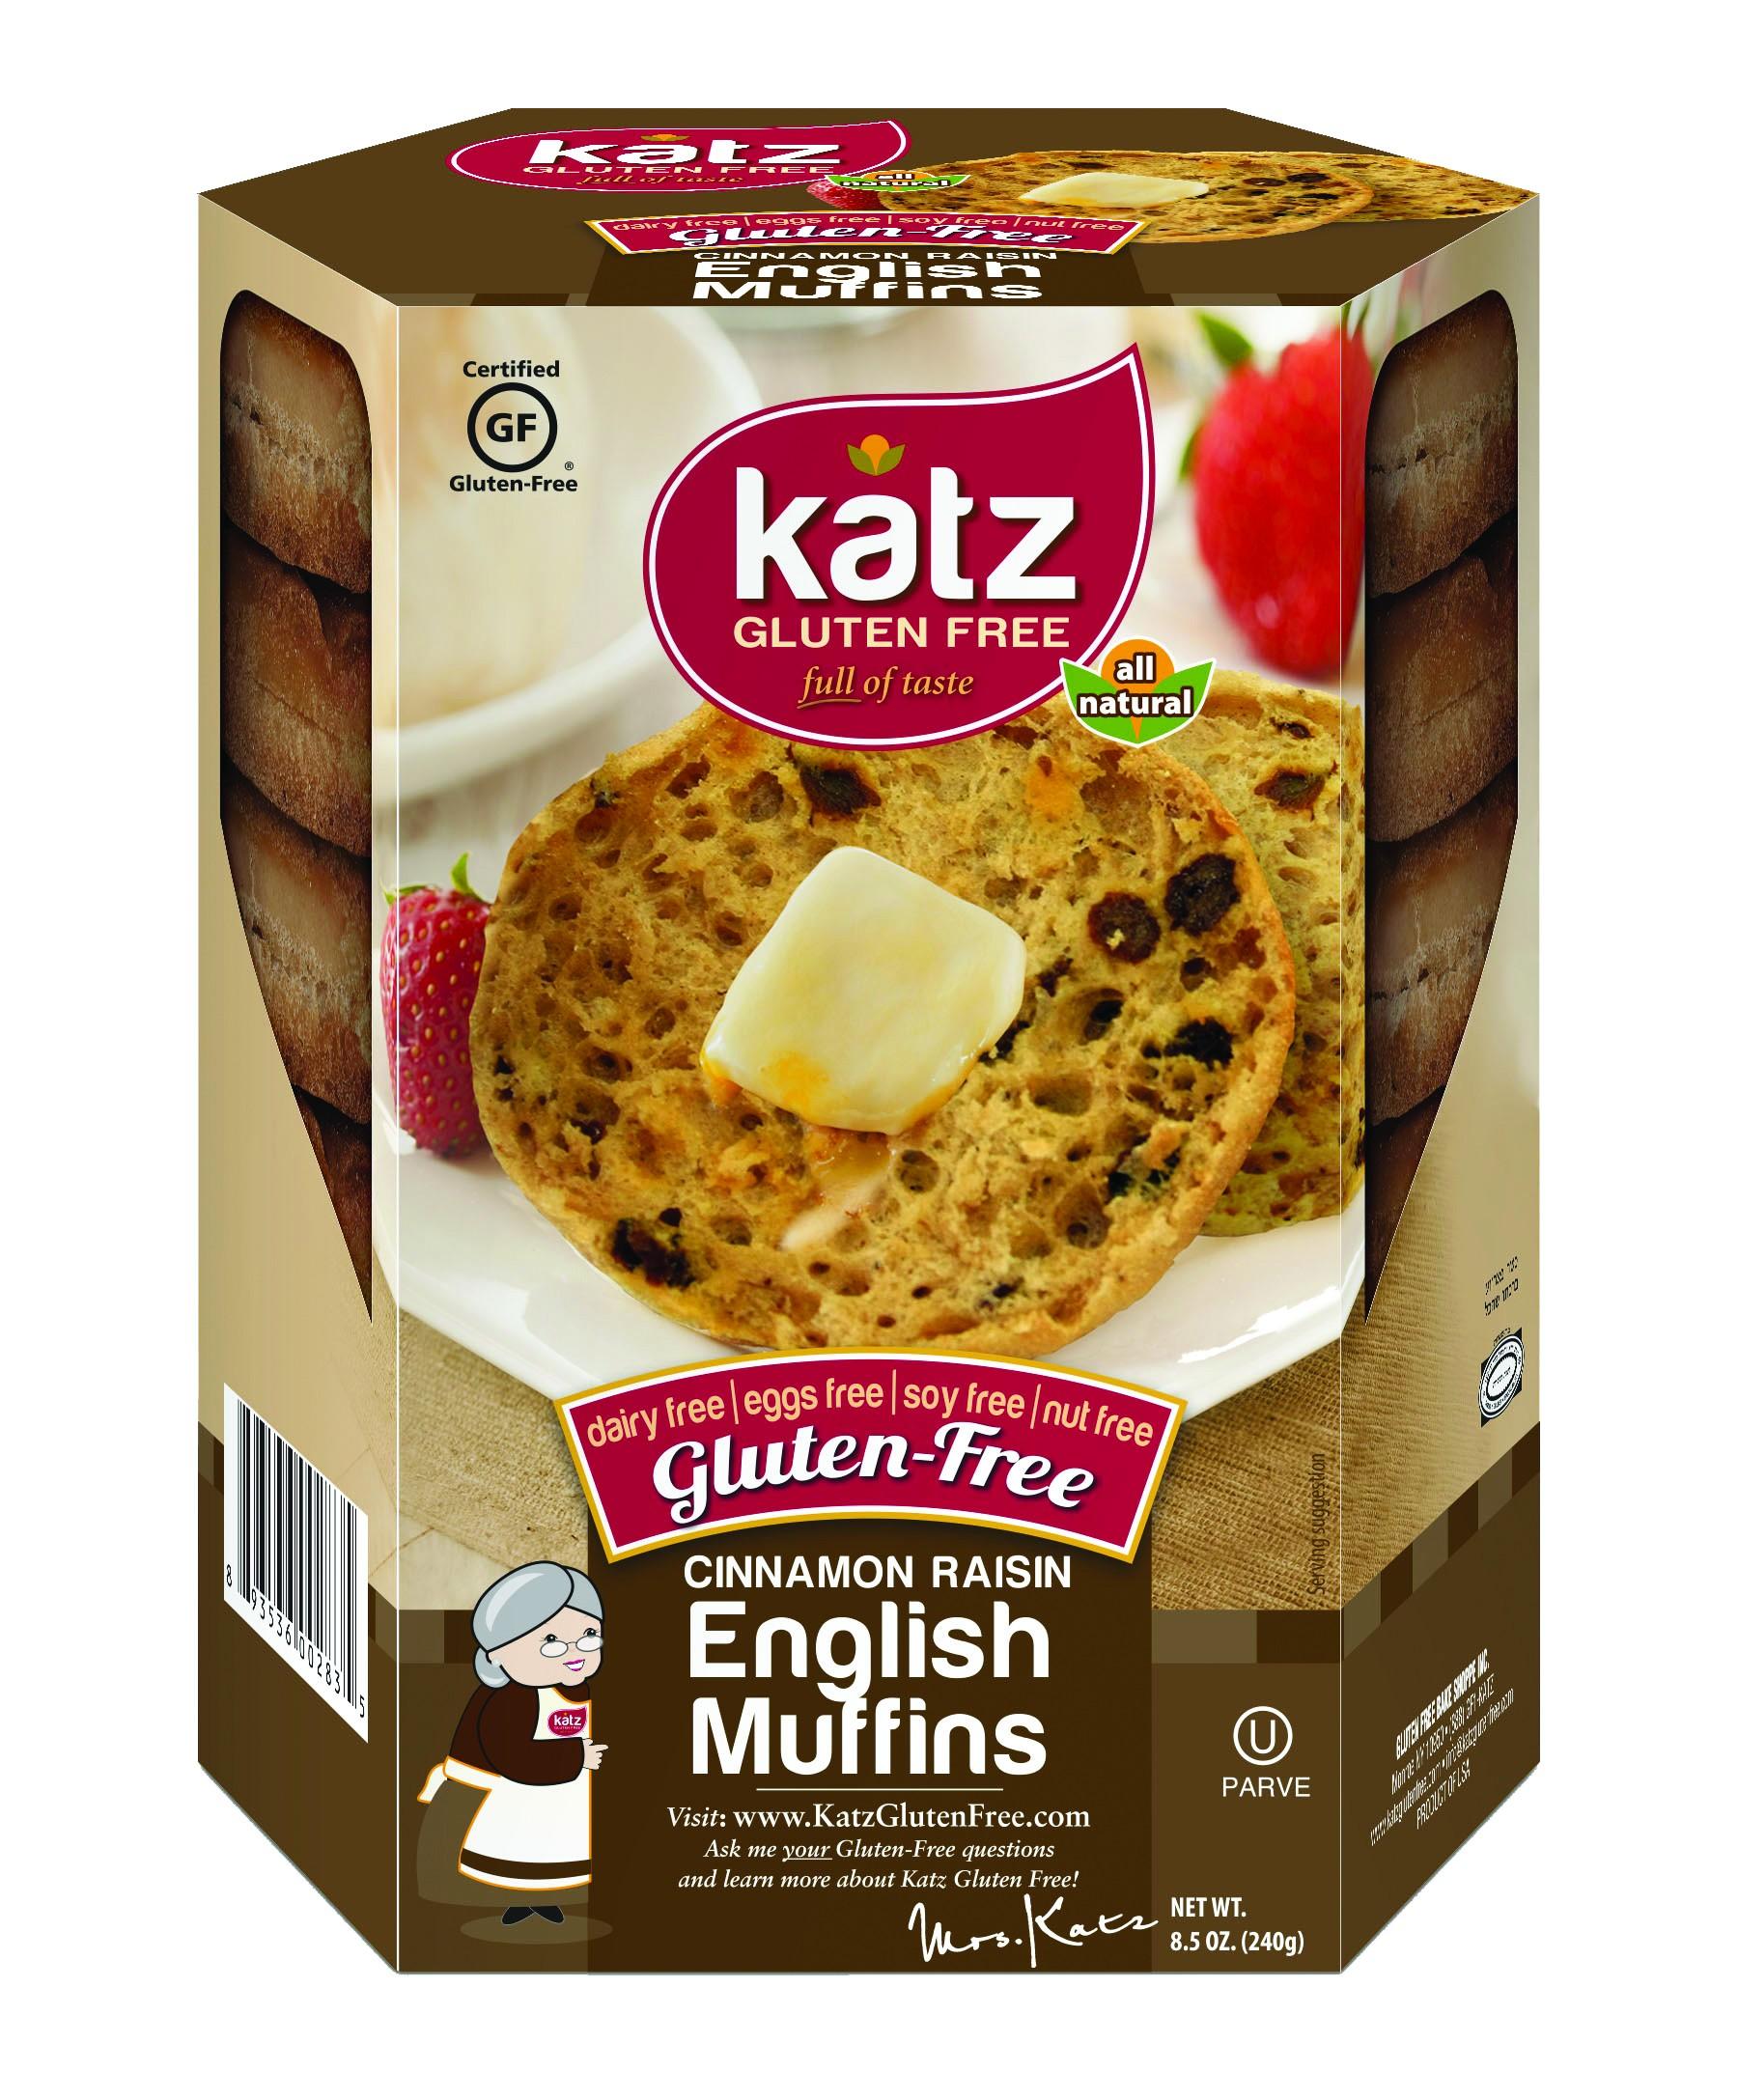 Katz Gluten Free Cinnamon Raisin English Muffins, Case of 6